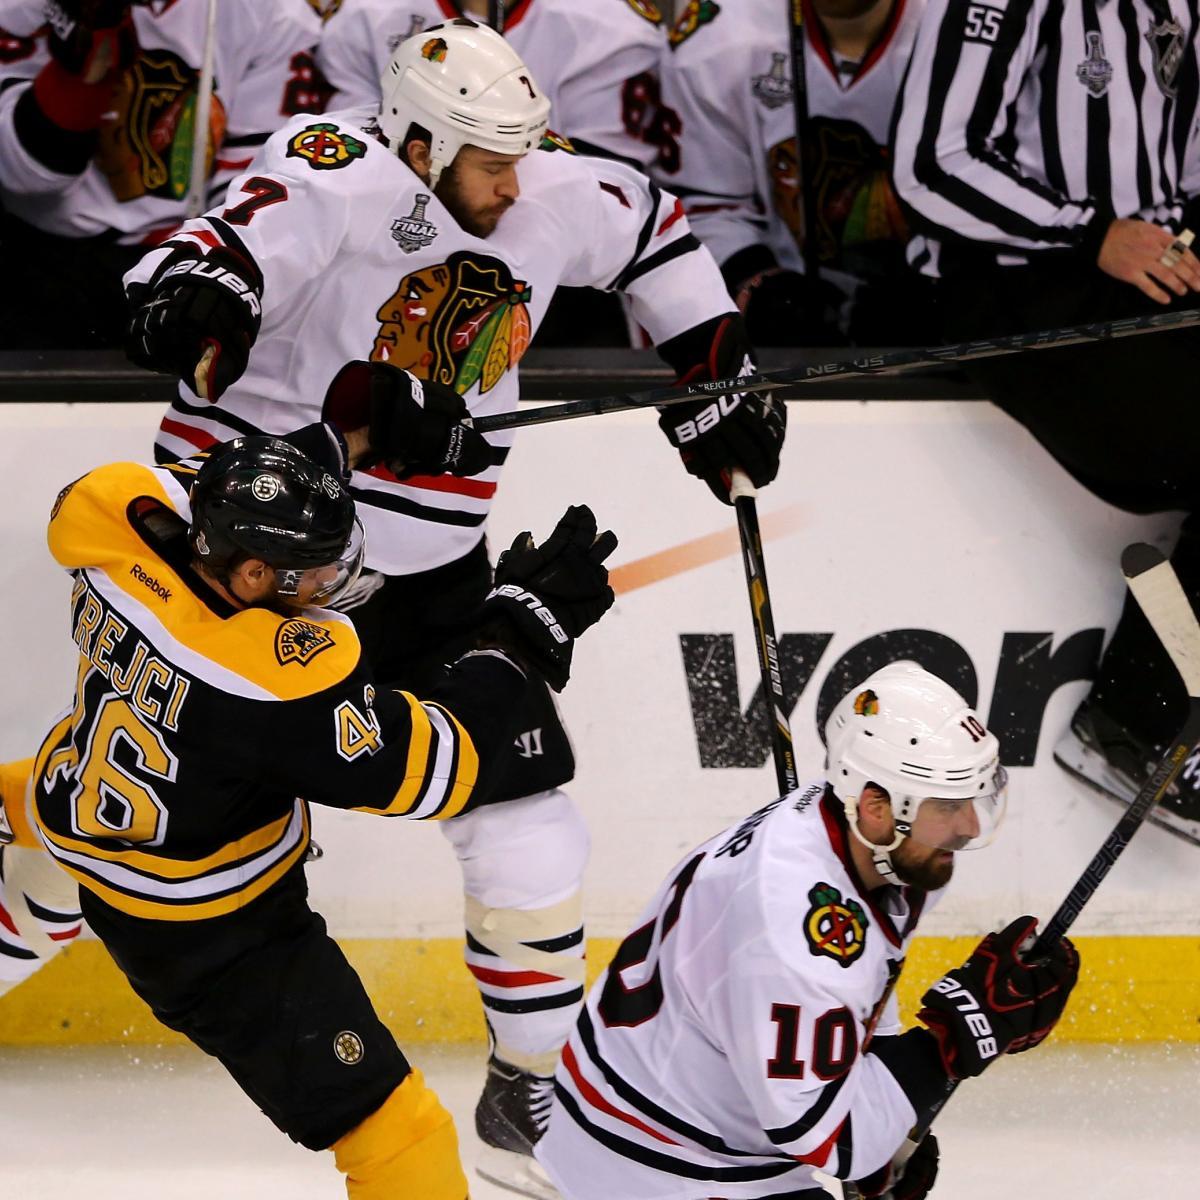 Boston Bruins-Chicago Blackhawks: Game 4 Preview, TV Info